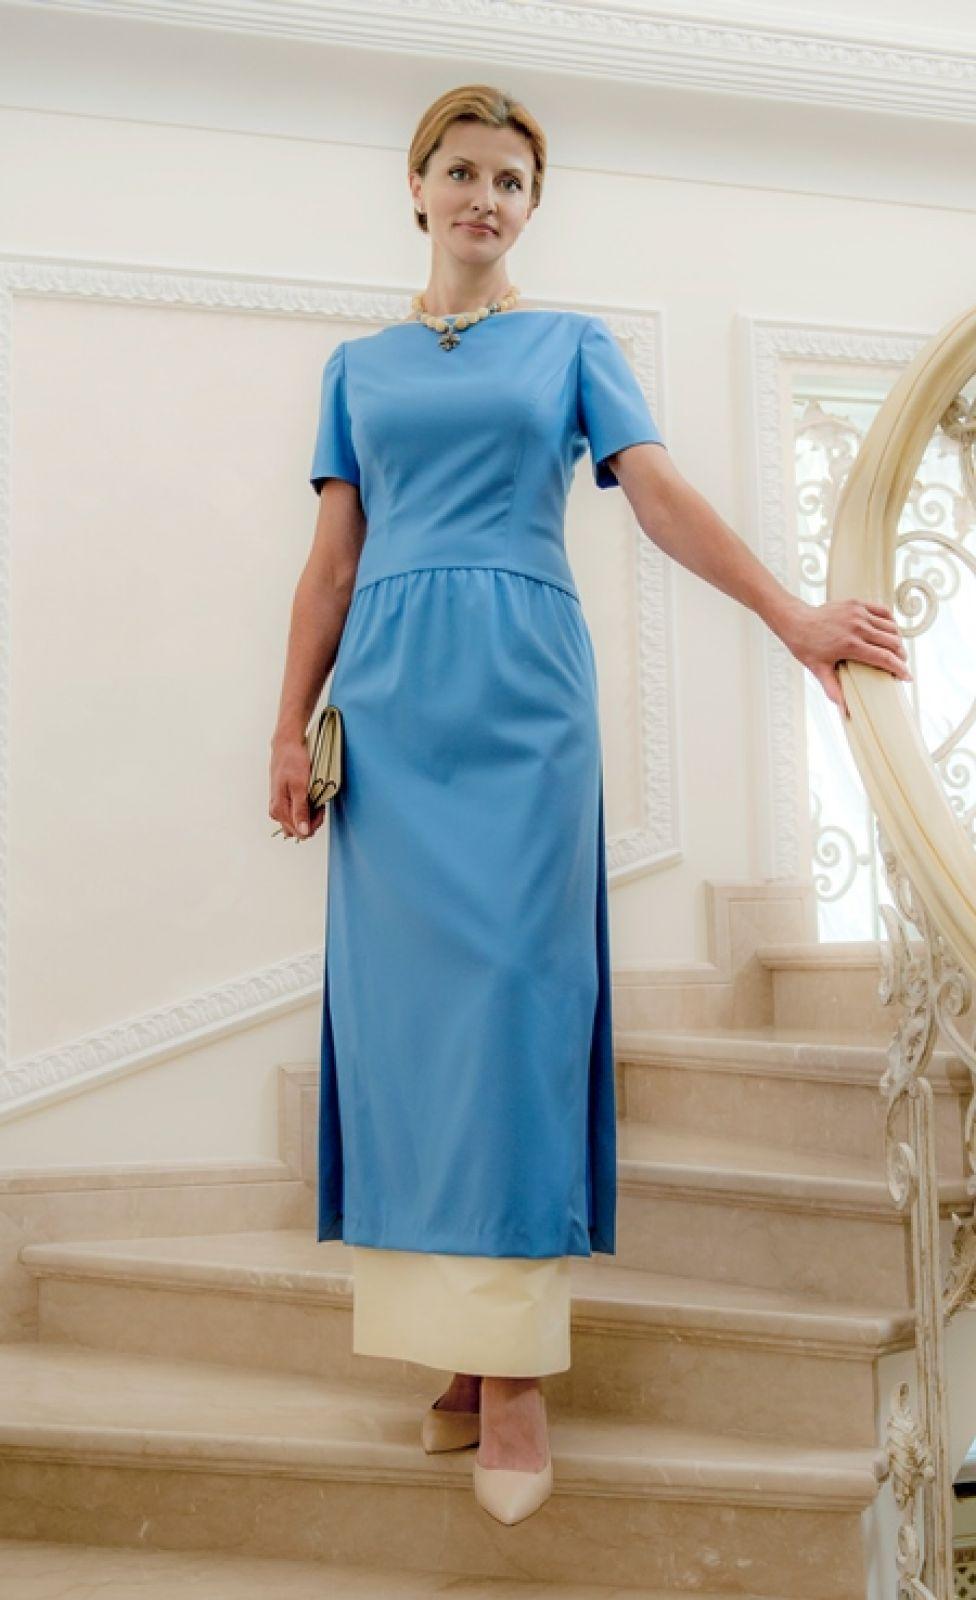 Это платье от известного украинского дизайнера Лилии Пустовит. Очень утонченное